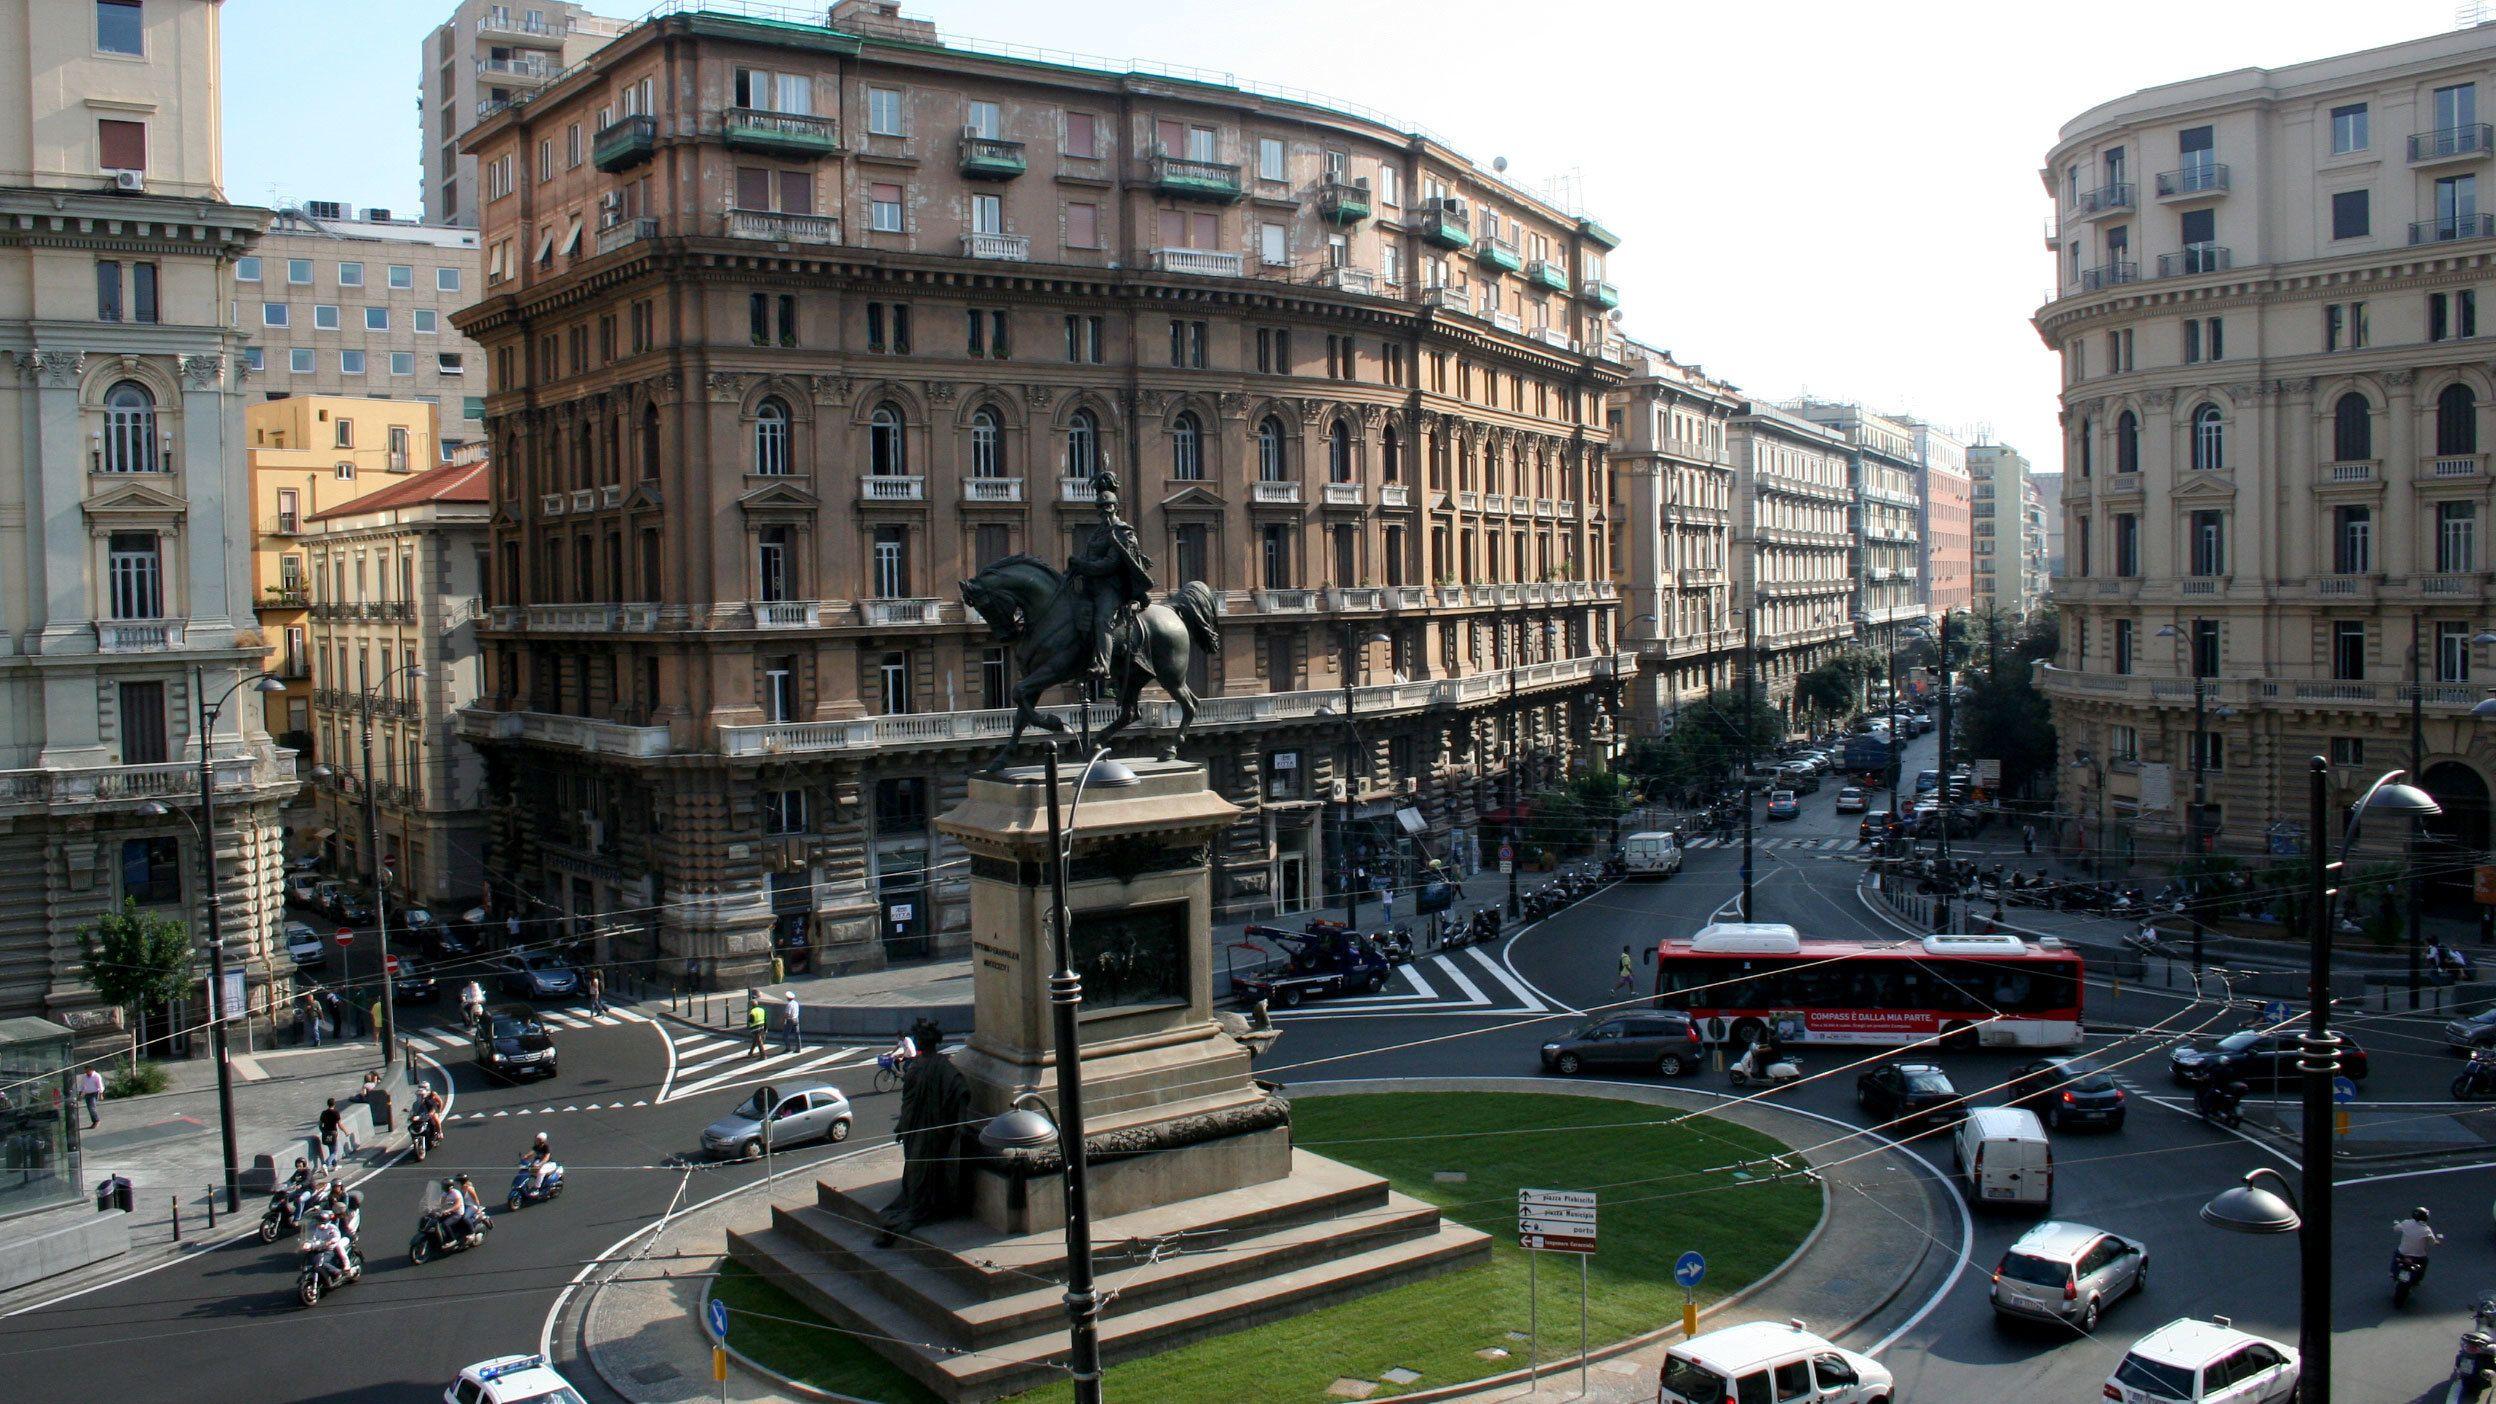 Piazza Giovanni Bovio and statue in the center of Naples